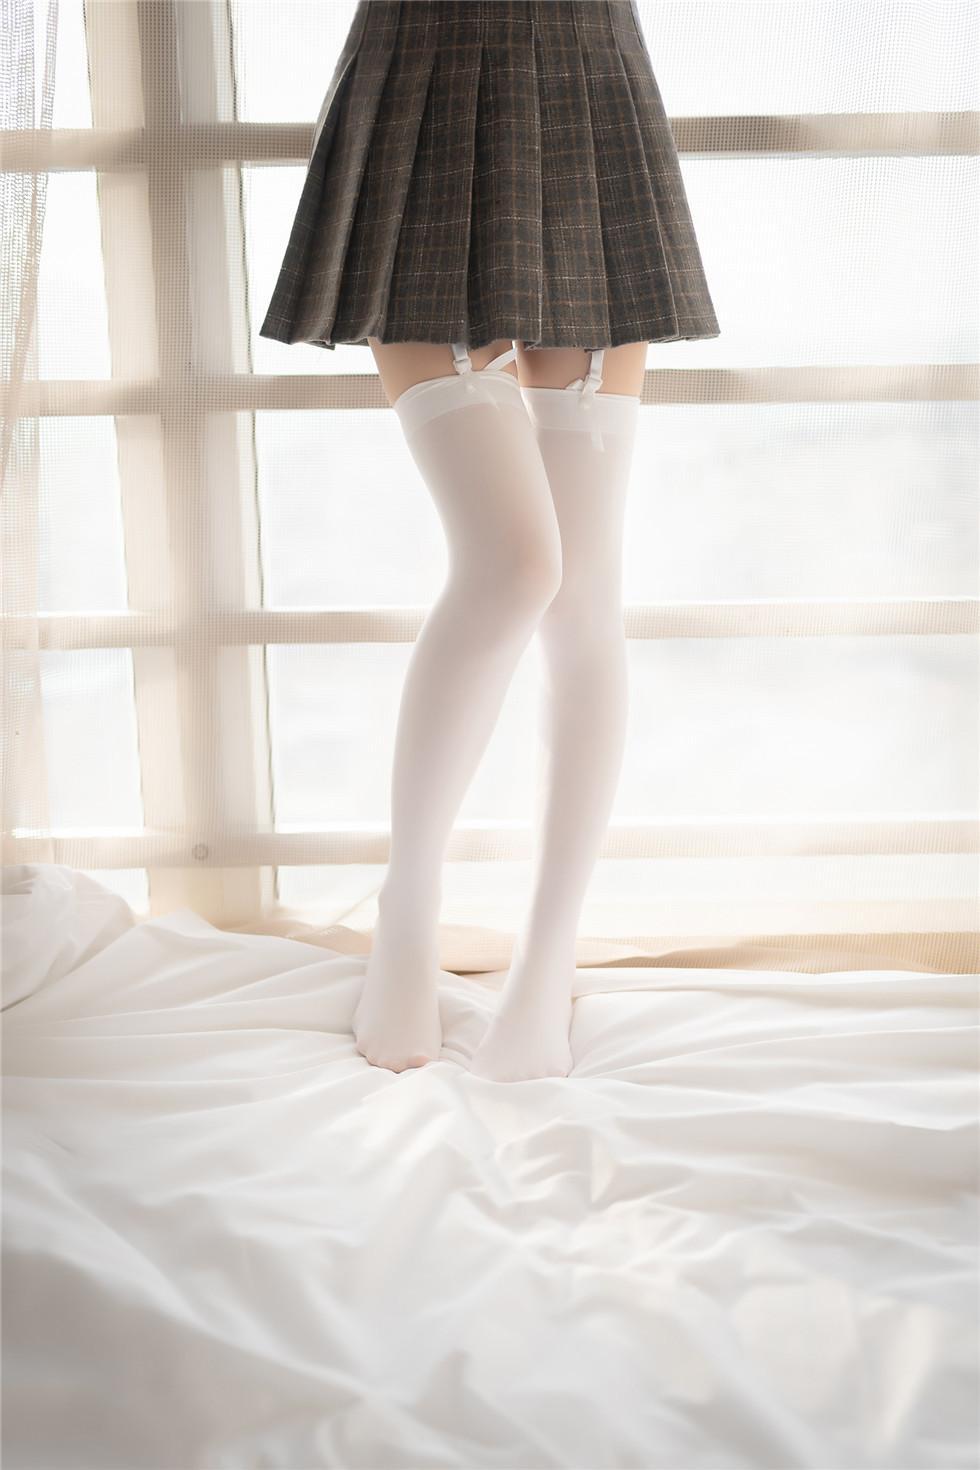 风之领域-白丝JK少女